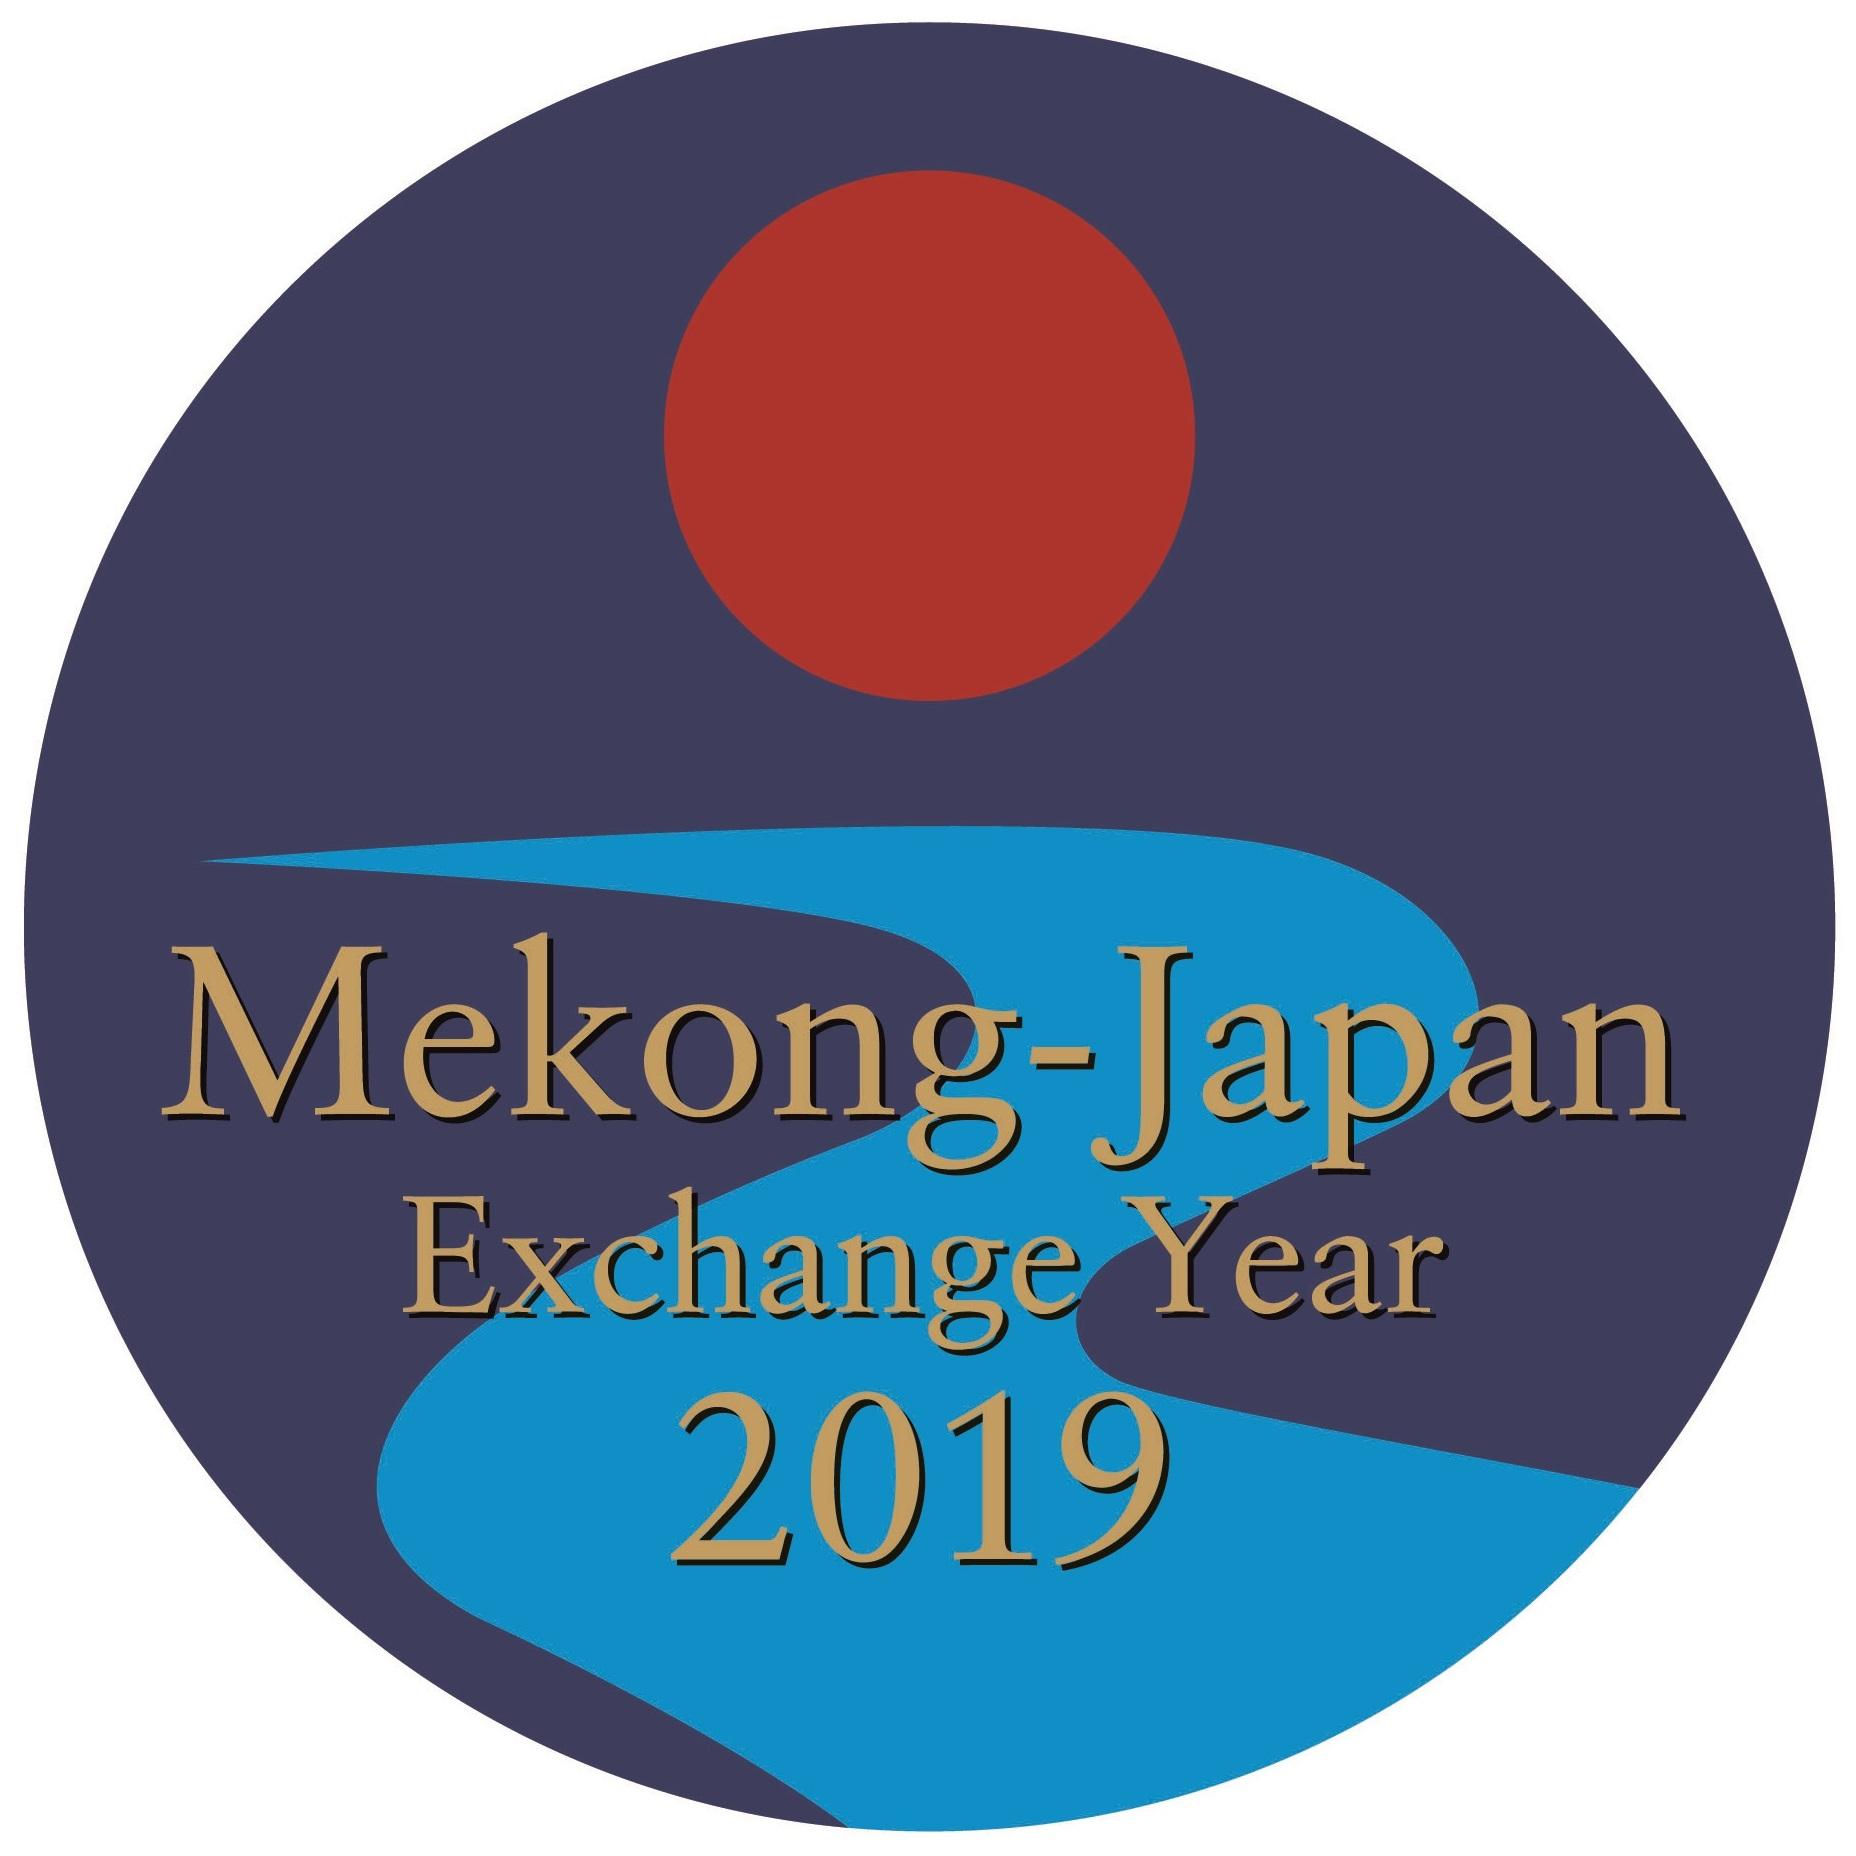 日メコン交流年2019ロゴマーク